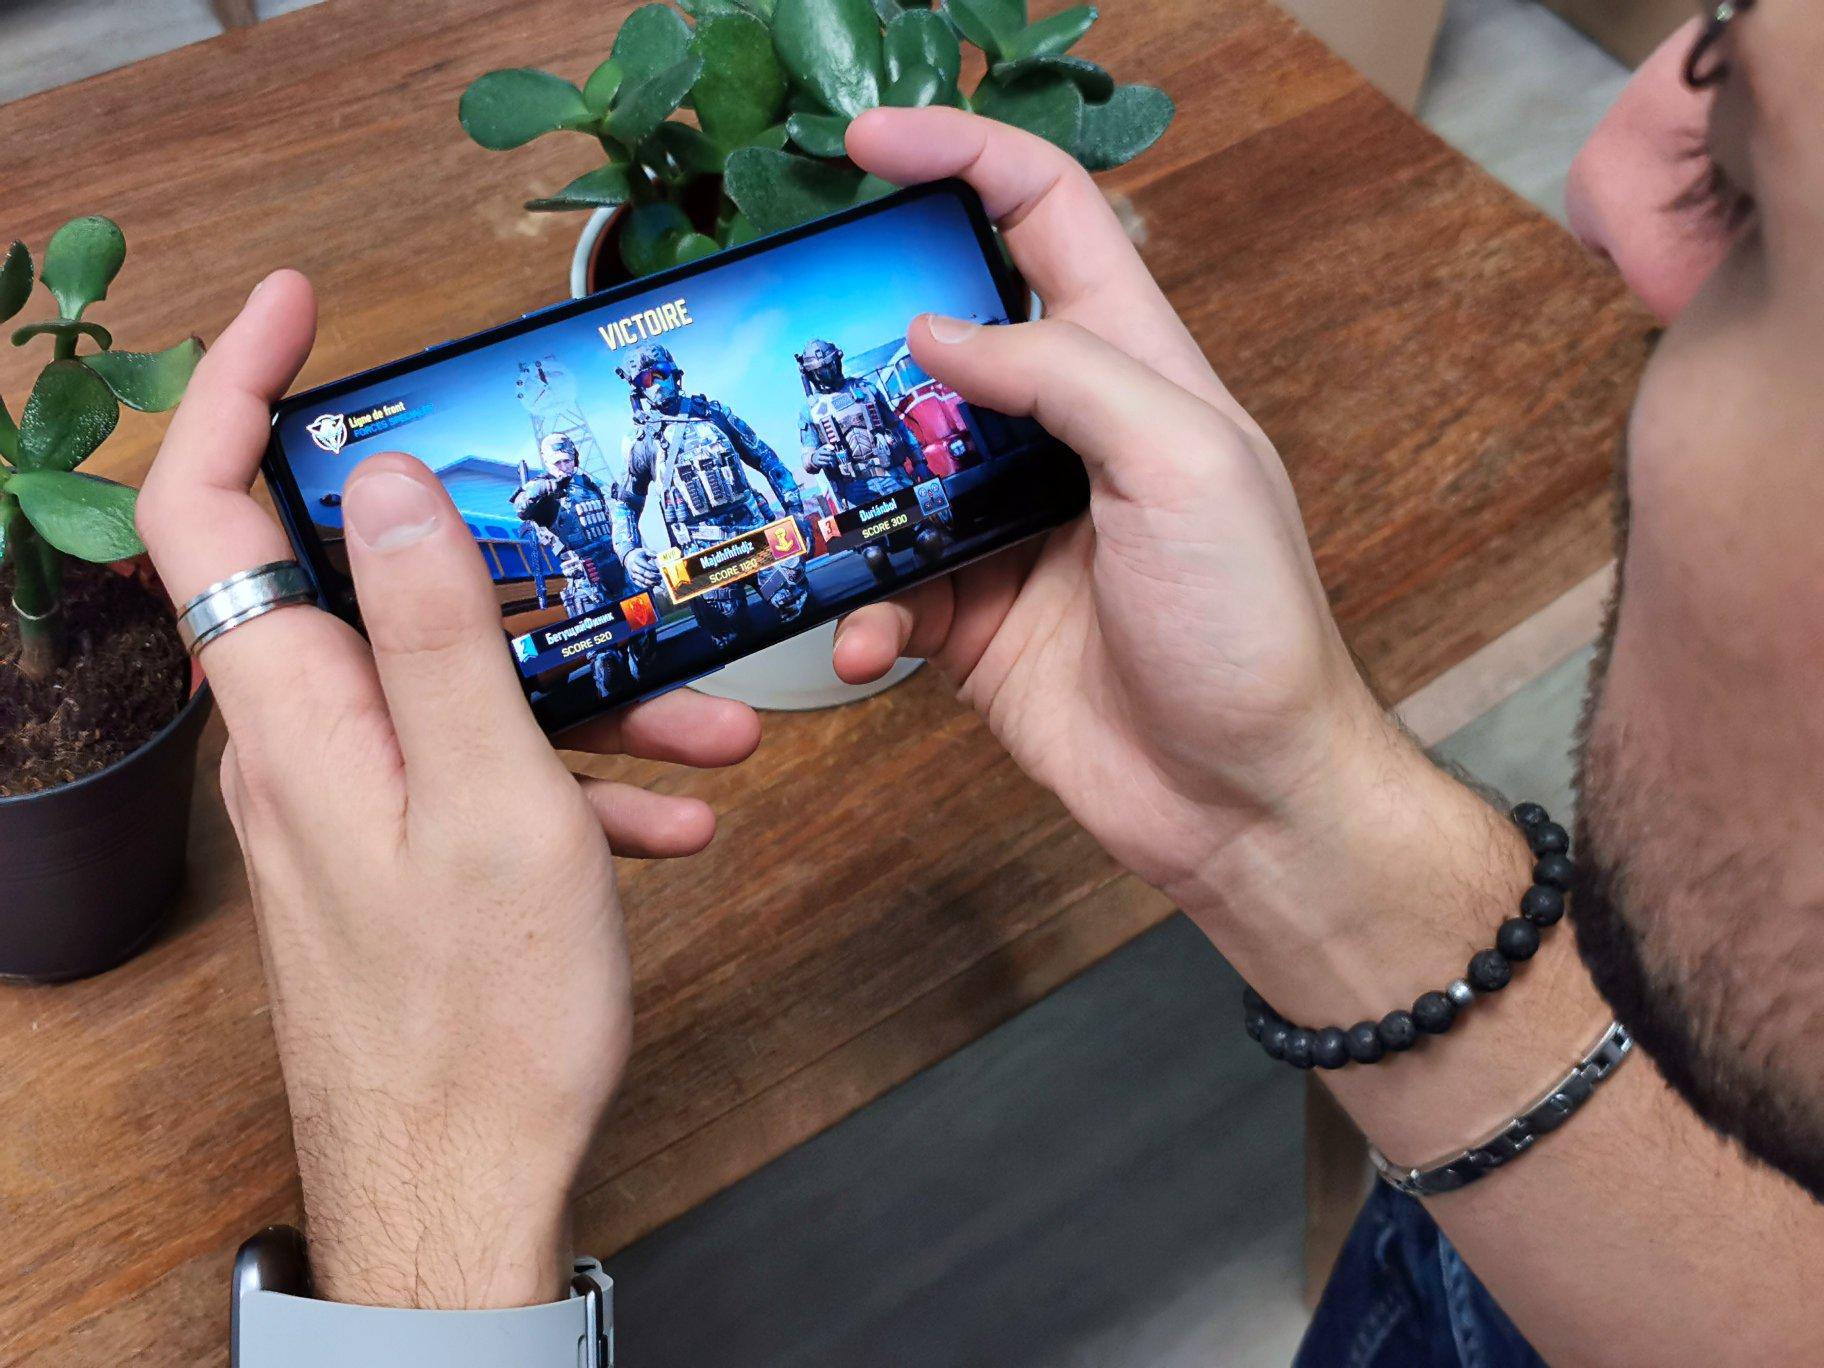 Les Meilleurs Fps Et Tps (Jeux De Tir) Sur Android Et Iphone tout Tous Les Jeux Gratuits Pour Filles